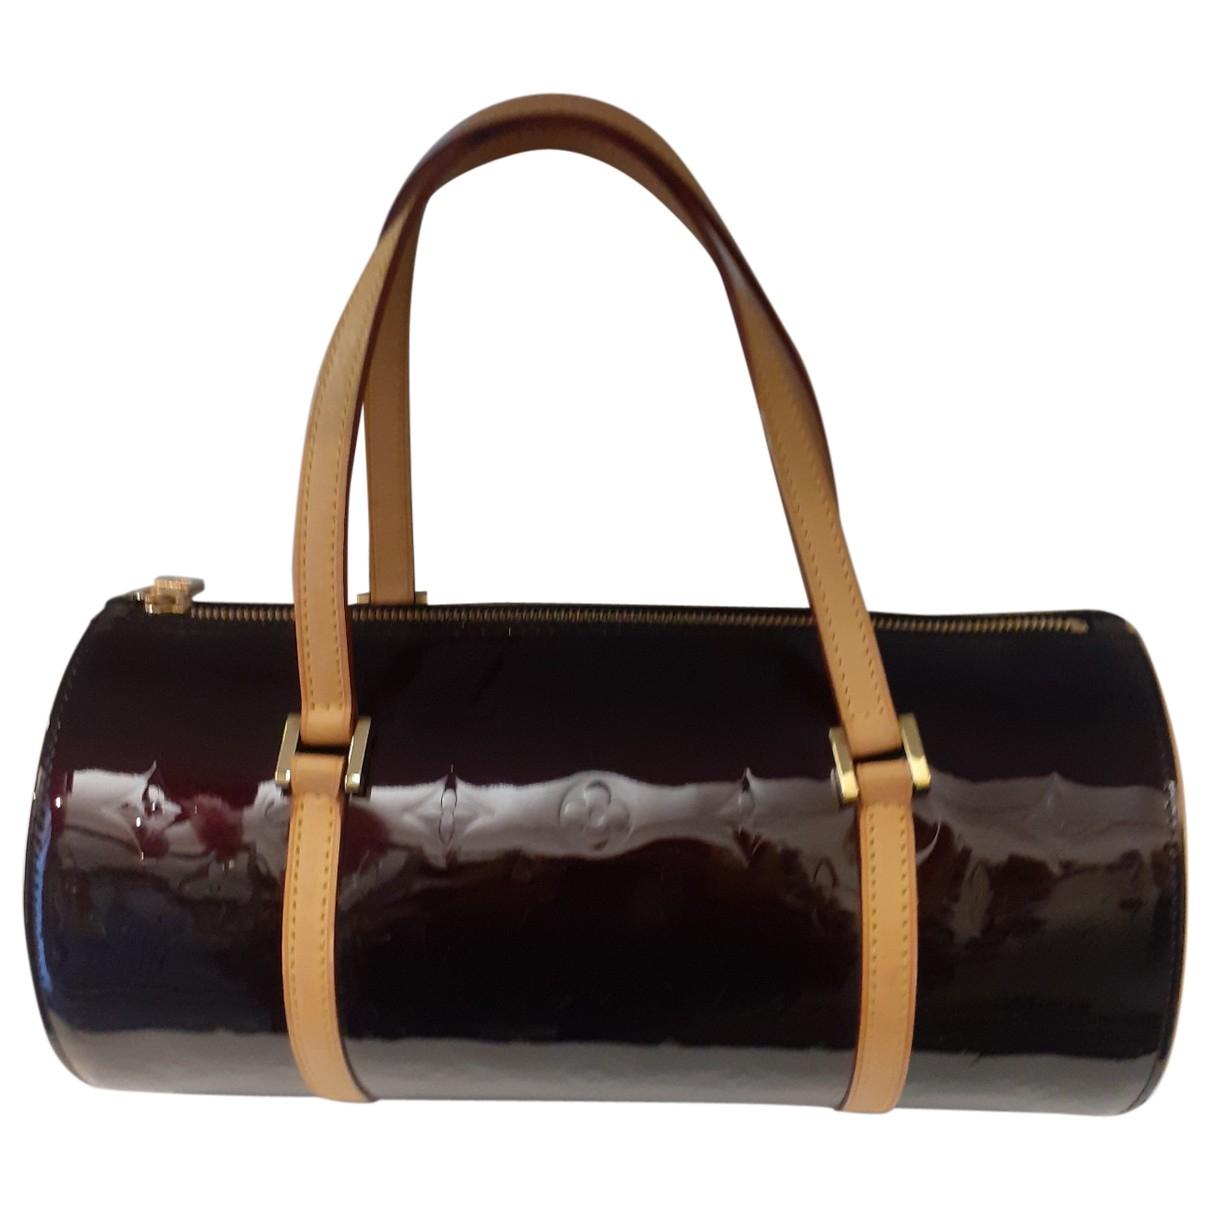 Louis Vuitton Papillon Handtasche in  Bordeauxrot Lackleder